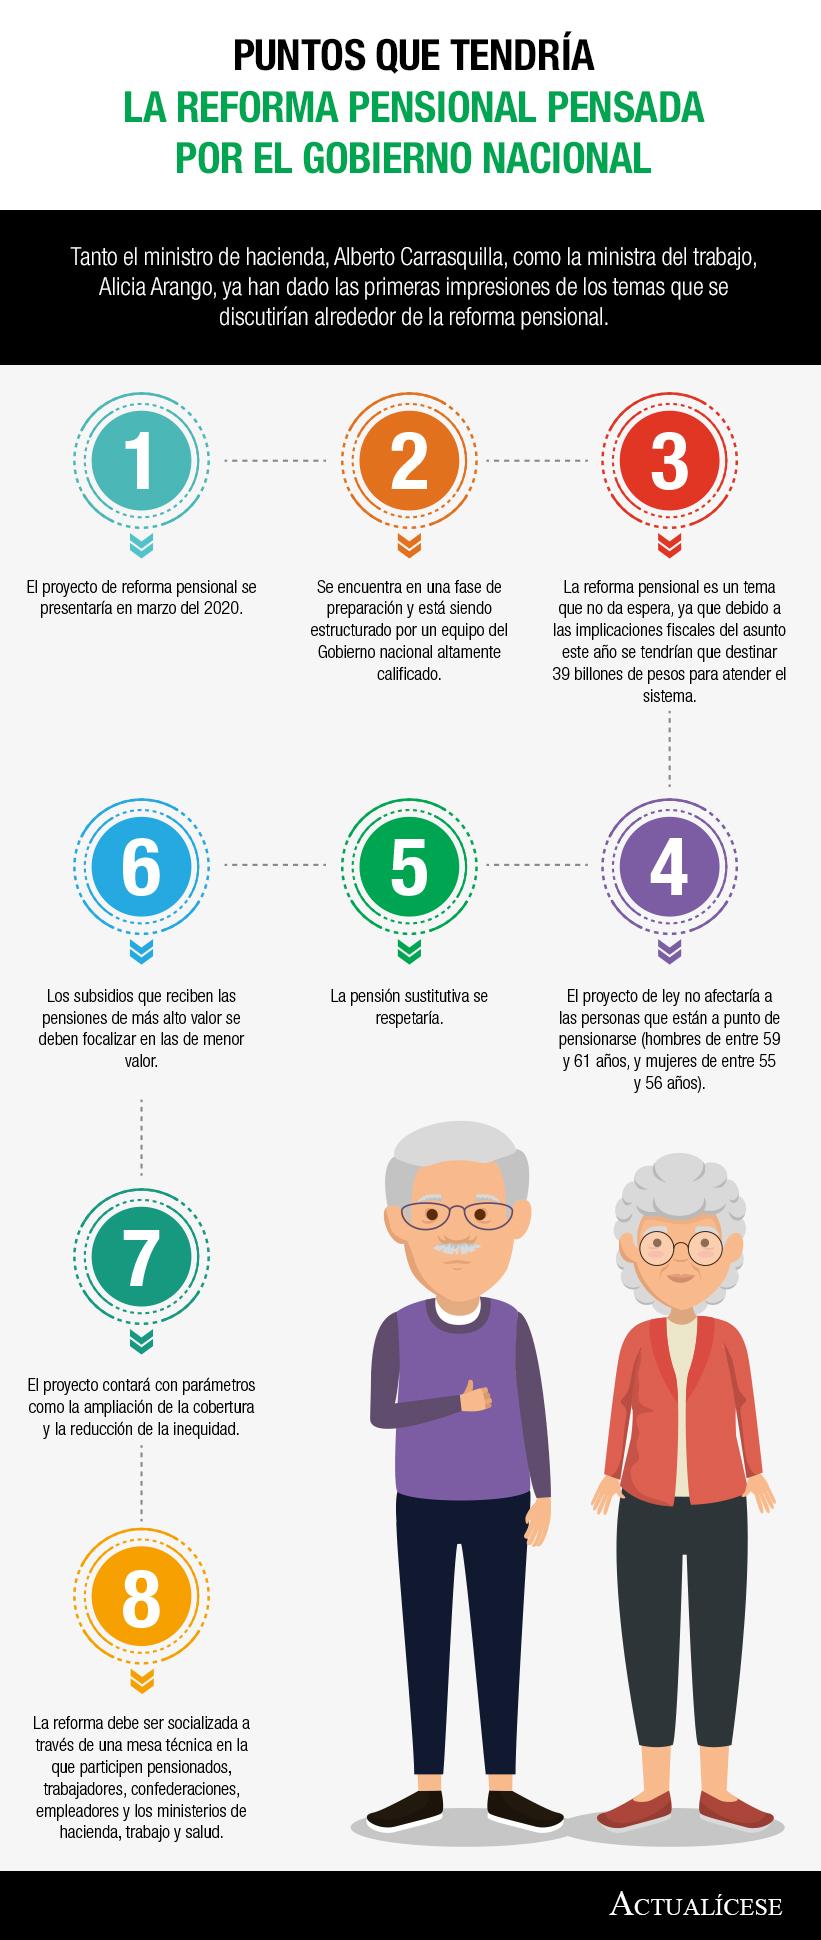 Proyecto de ley de reforma pensional: Gobierno lo presentaría en diciembre de este año